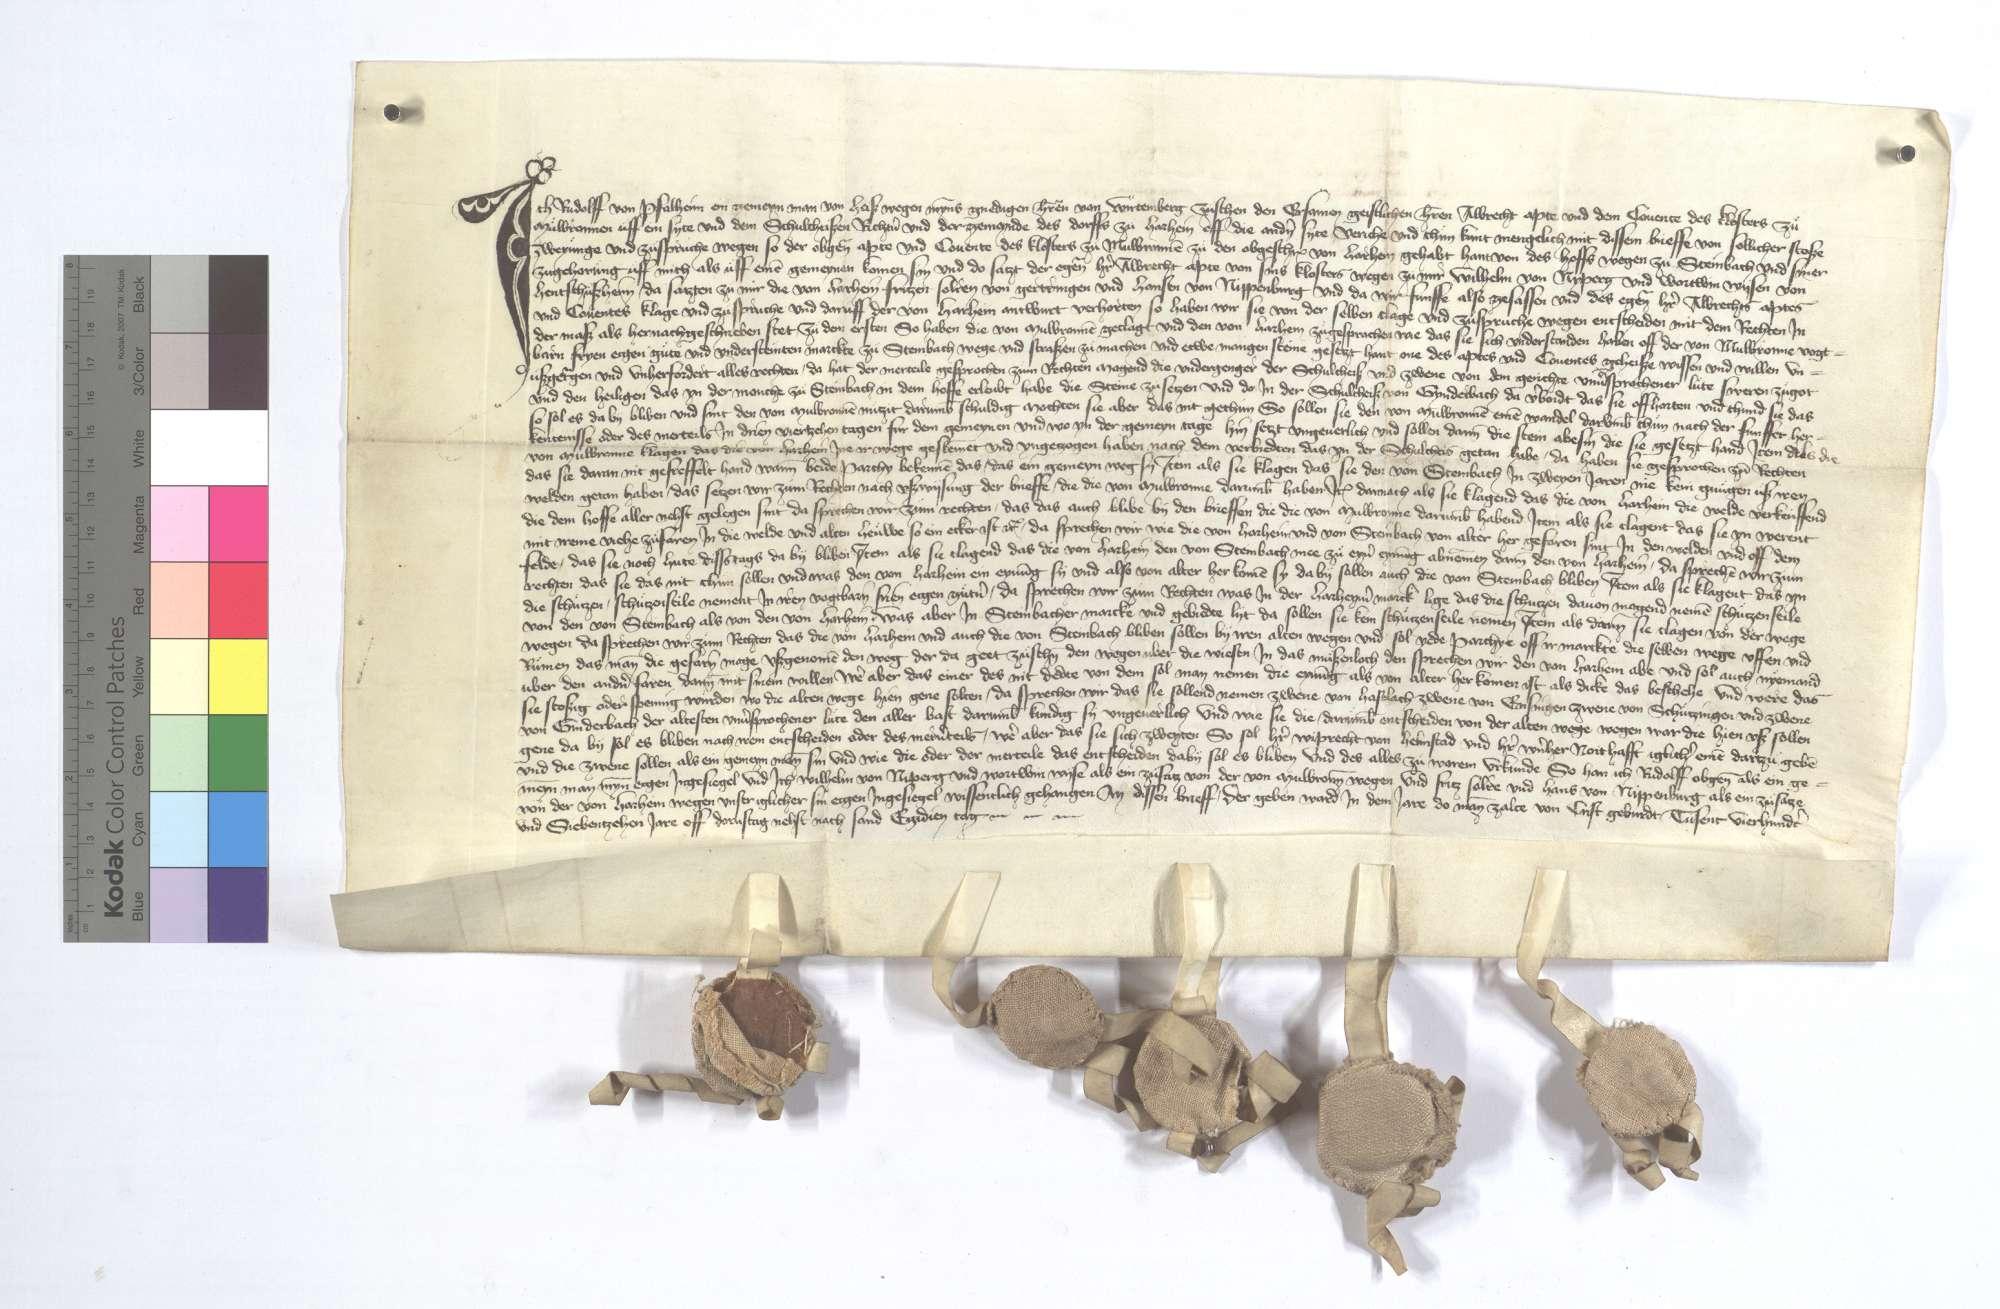 Vereinbarung (Richtung) zwischen dem Kloster Maulbronn und der Kommune Horrheim wegen des Hofs Steinbach und dessen Zugehörungen., Text